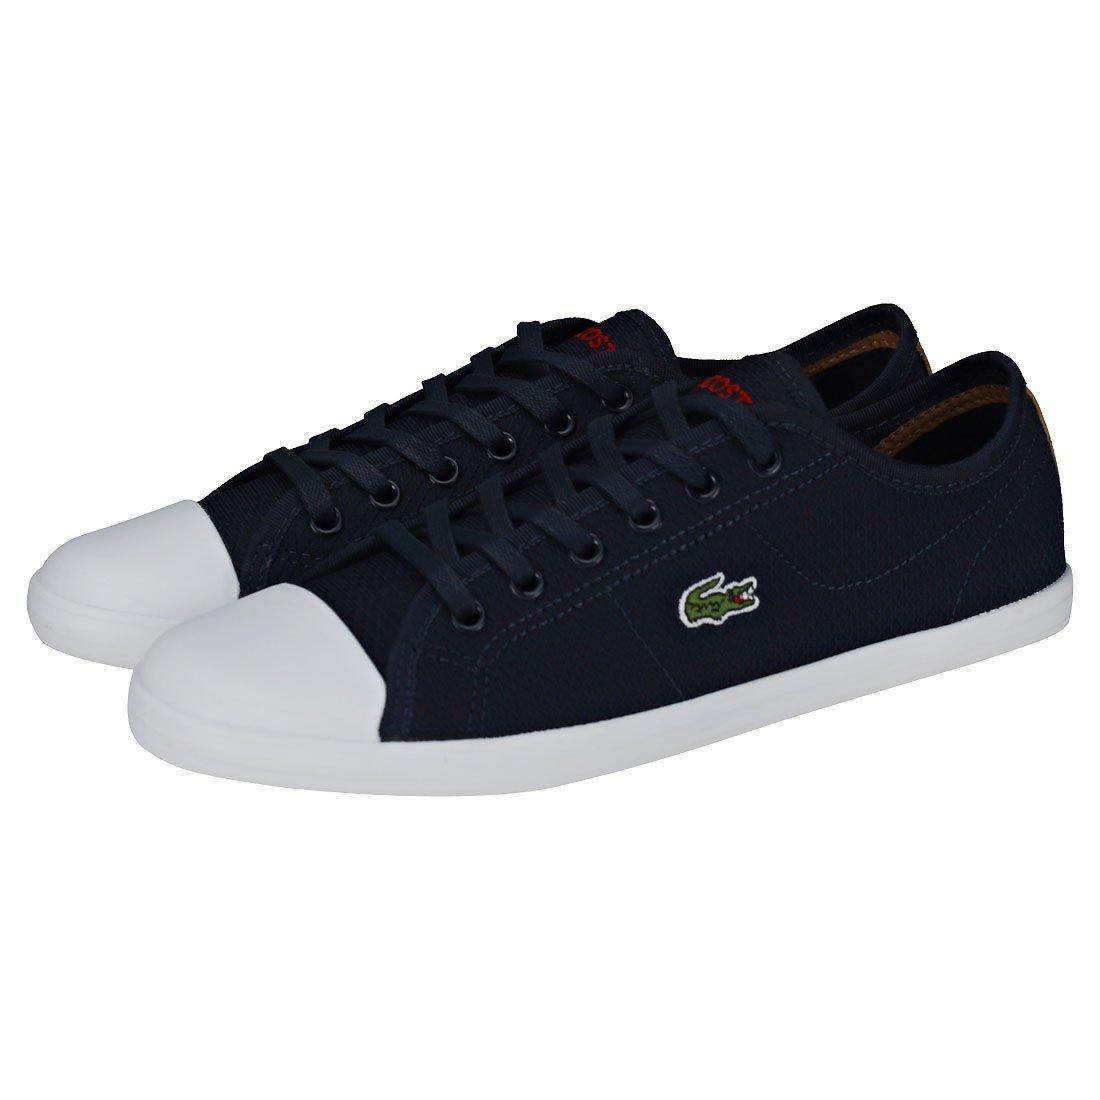 Lacoste Ziane Sneaker 318 2 Femmes Baskets 8 UK: